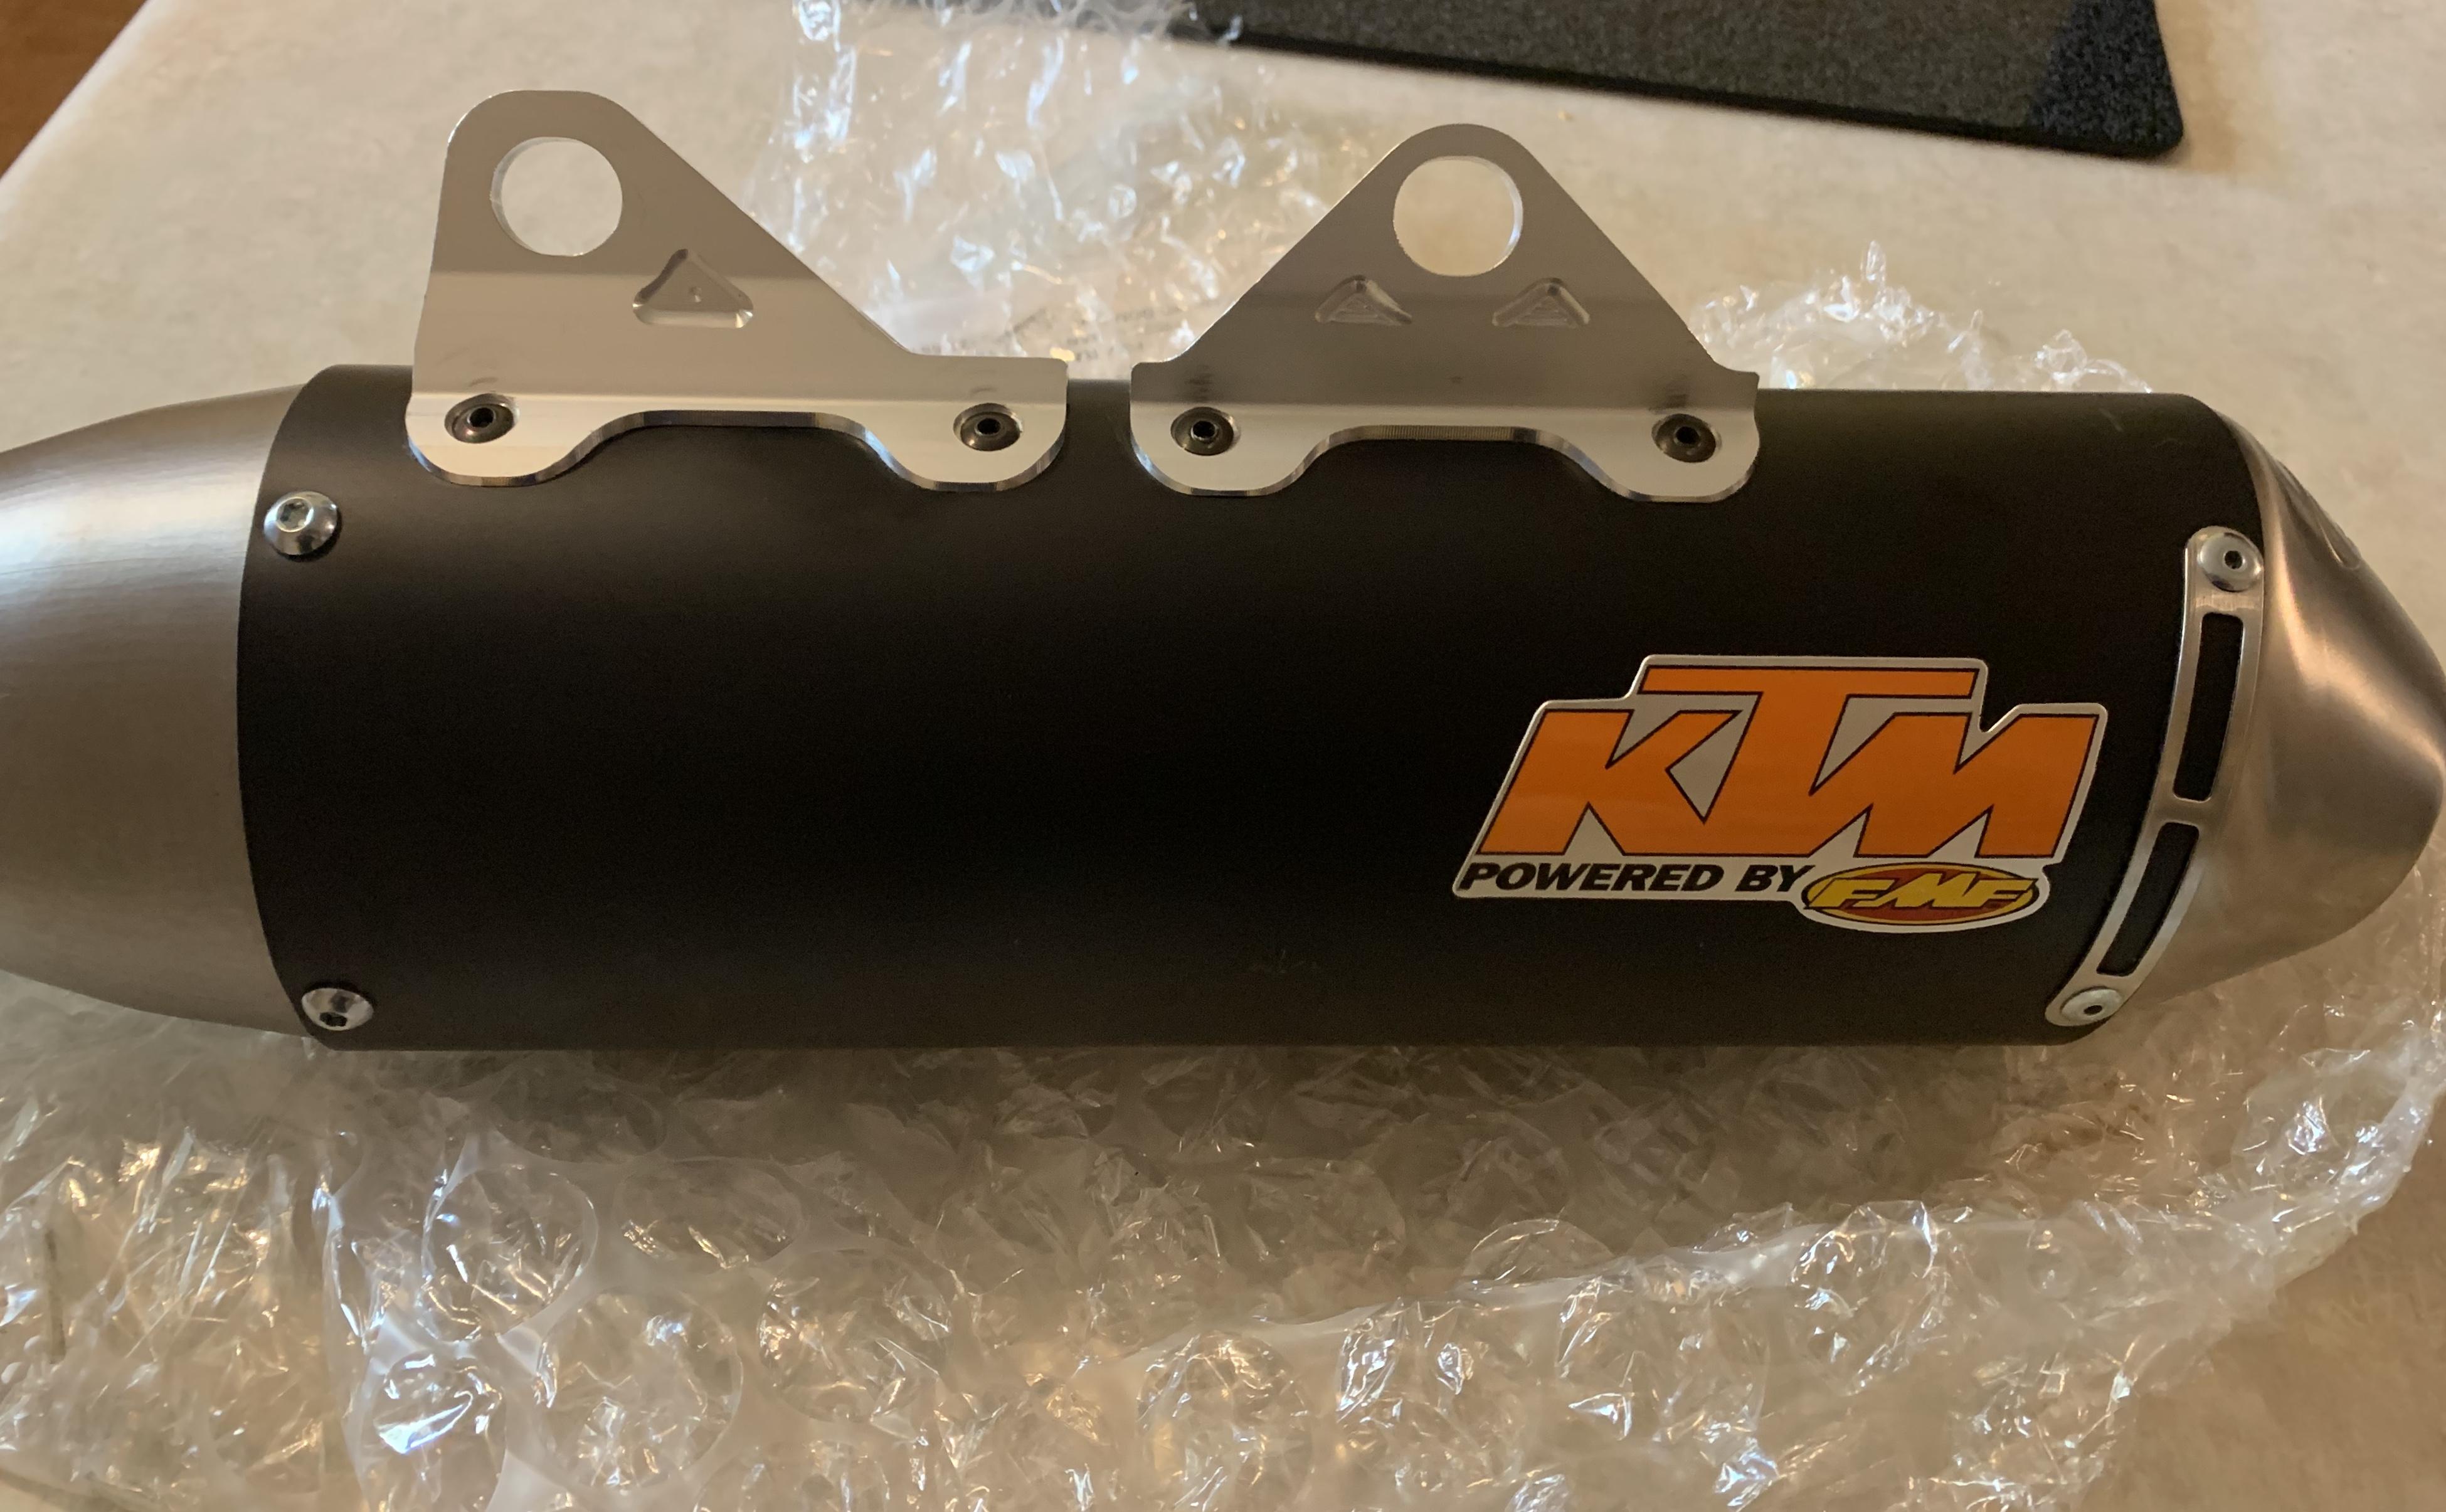 KTM Factory Powerparts FMF Silencer 83505183000 NOS-ecf30c72-5343-45bb-8693-96e34a84350b_1583600062940.jpeg